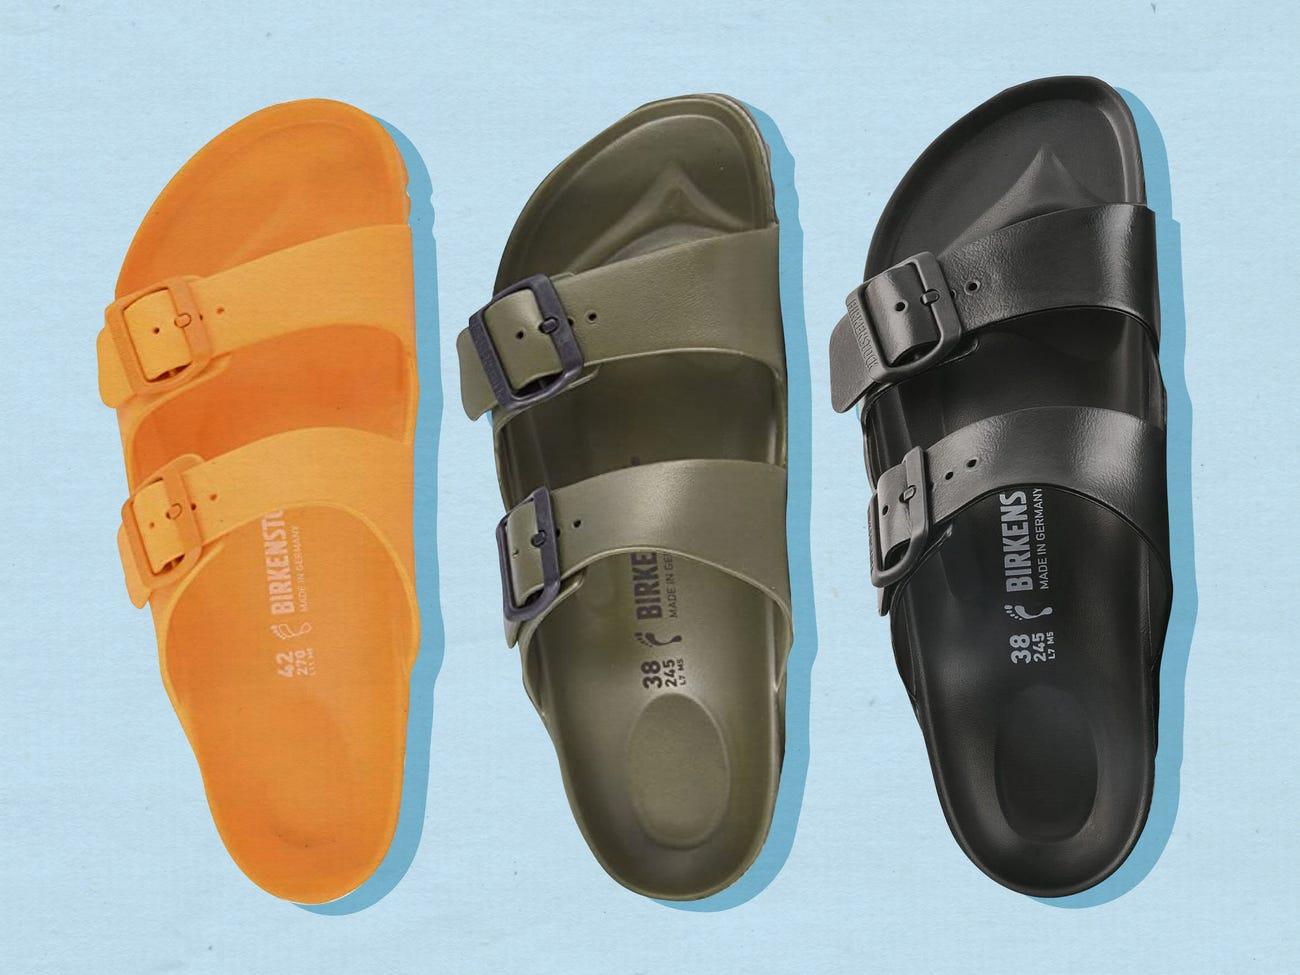 birkenstock-water-friendly-sandals